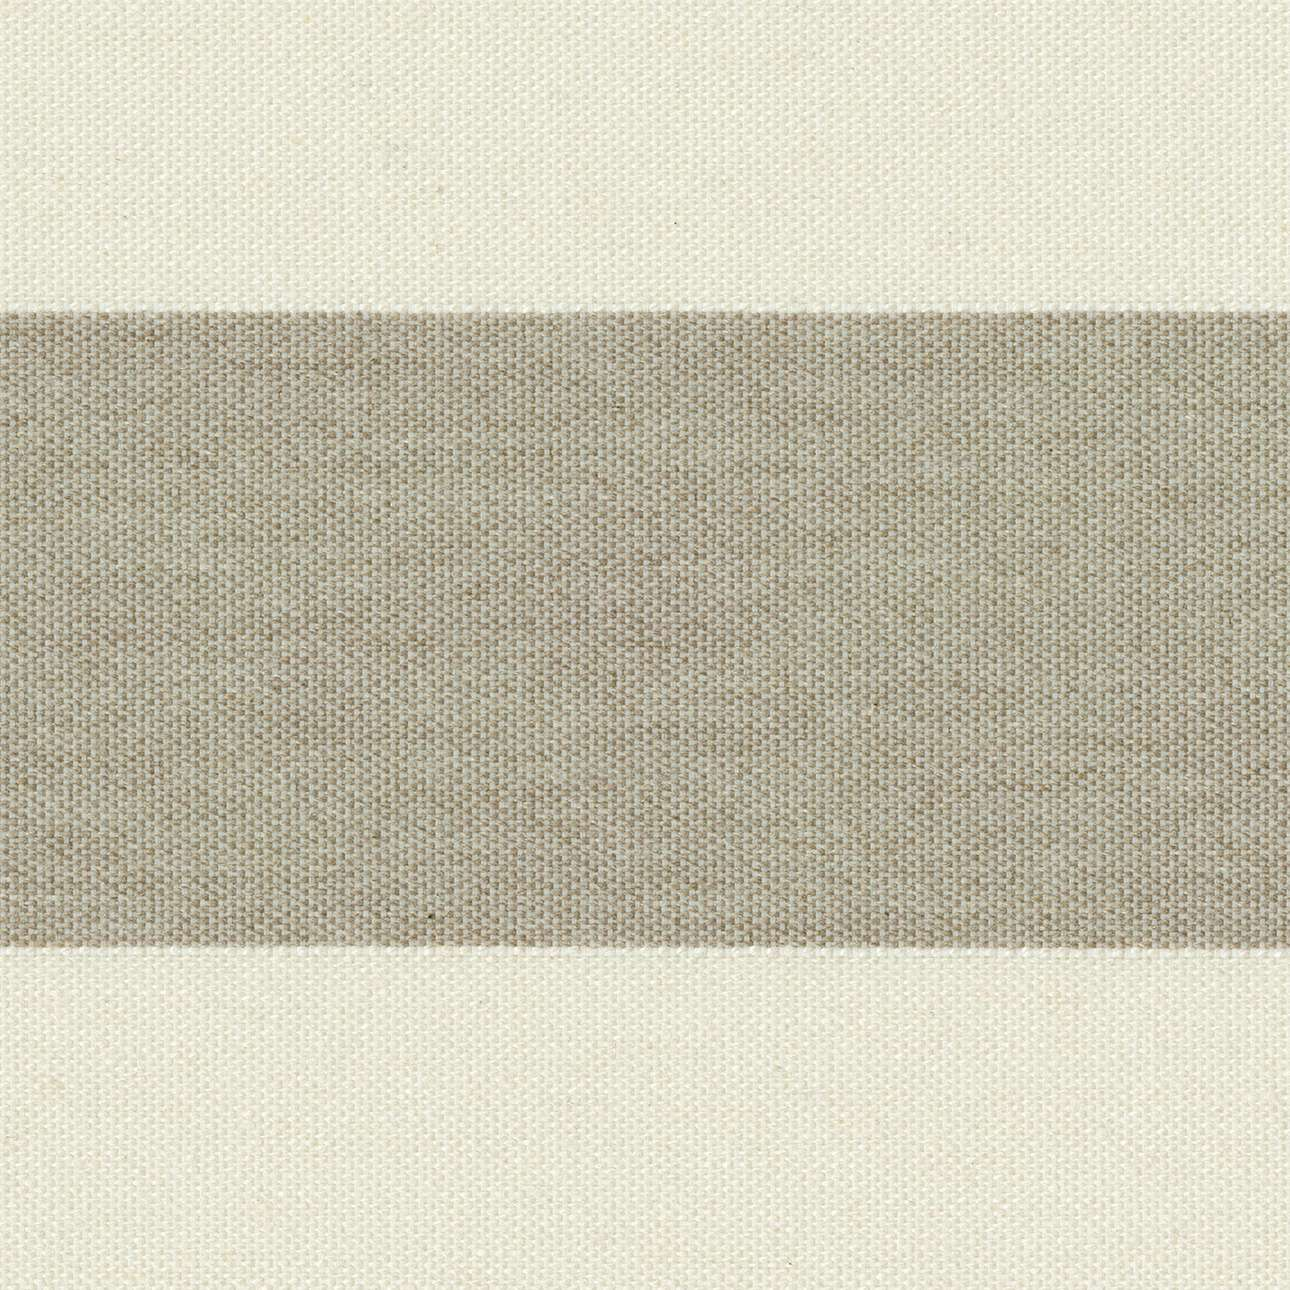 Stuhlkissen Thomas mit Bindeschnur von der Kollektion Quadro, Stoff: 142-73